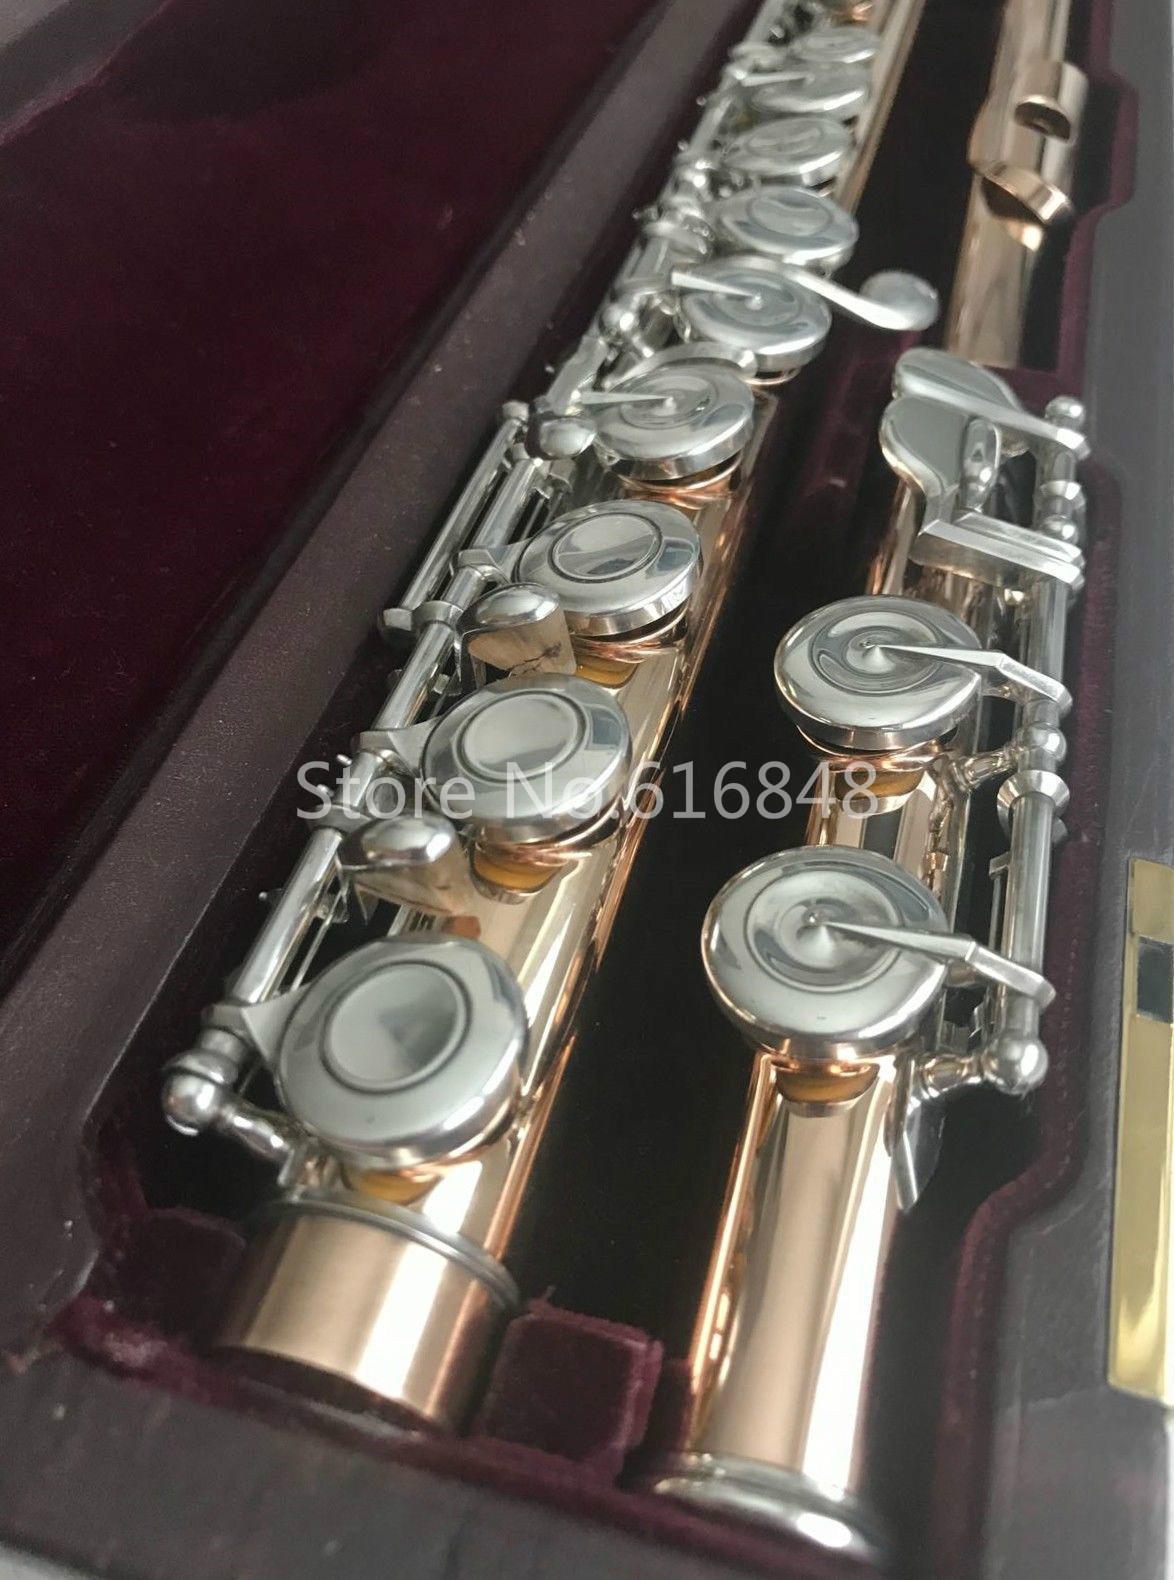 Nouvelle arrivée Muramatsu Flûte traversière 16 Clés trous fermés de haute qualité VERNI Flute Marque Musical Instrument avec étui